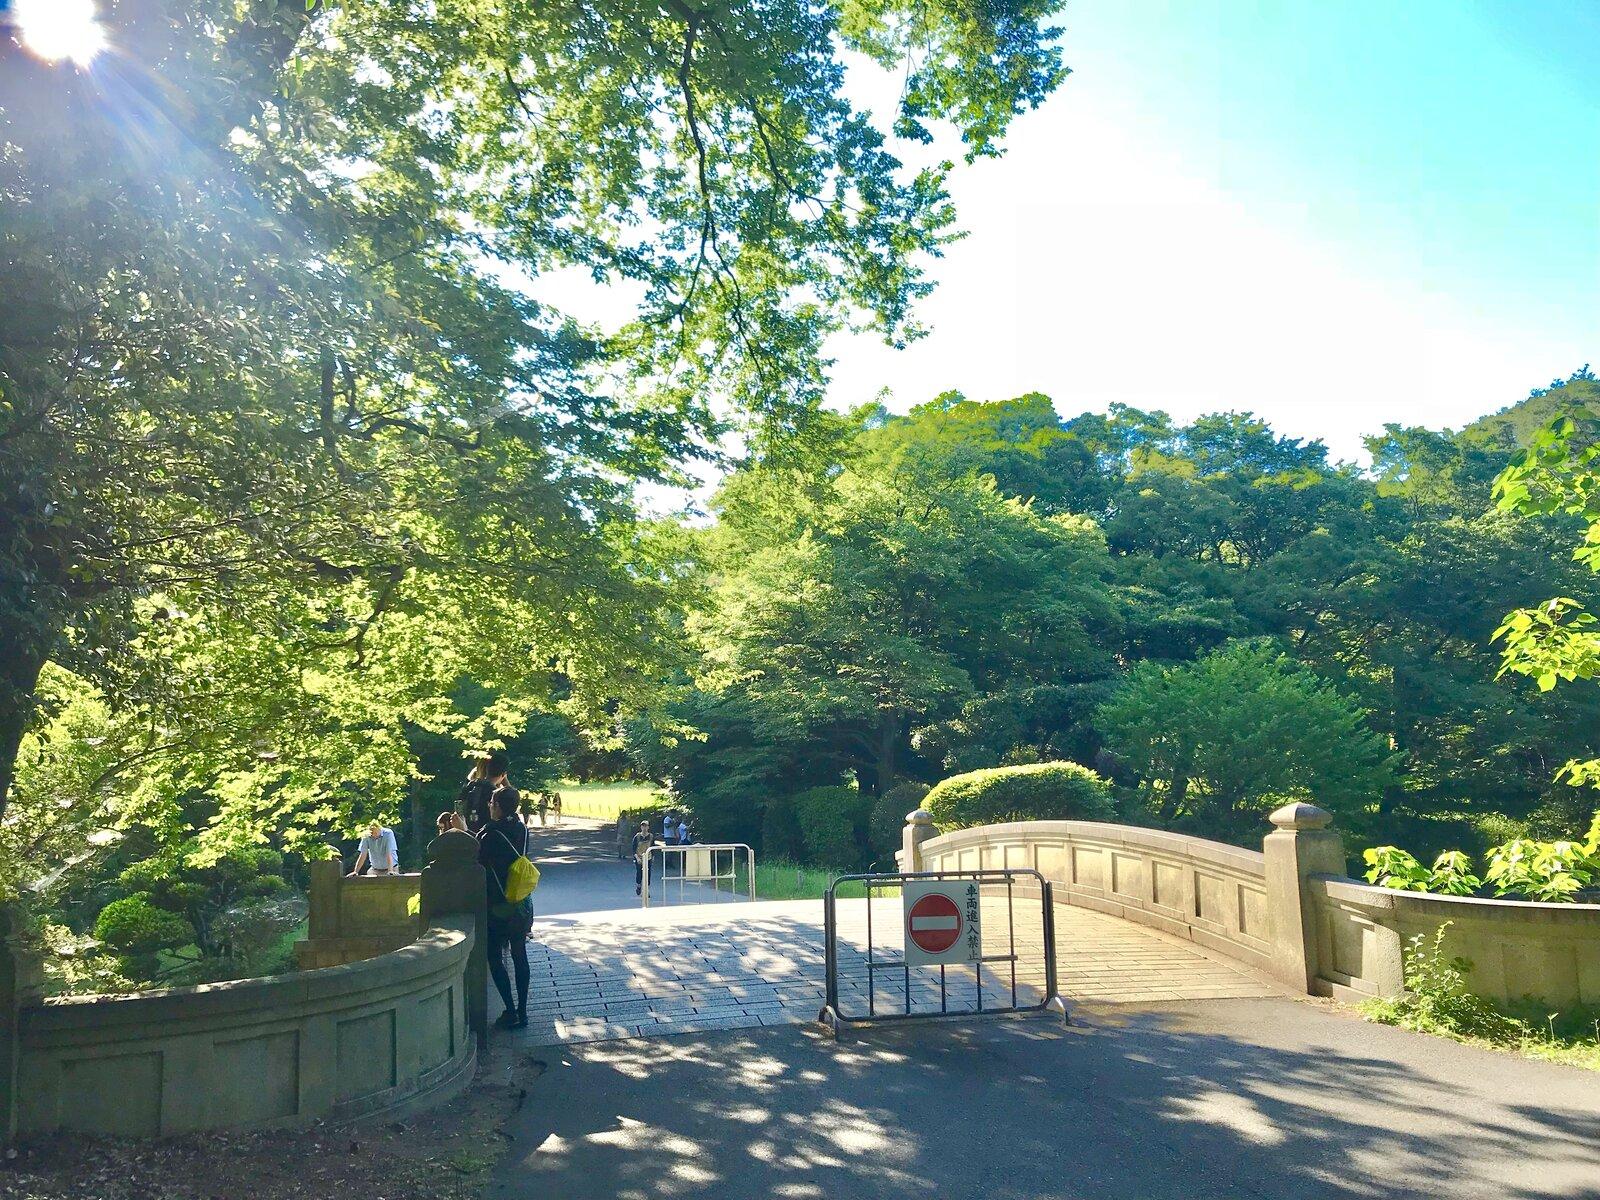 明治神宮 宝物殿前広場(芝生公園)